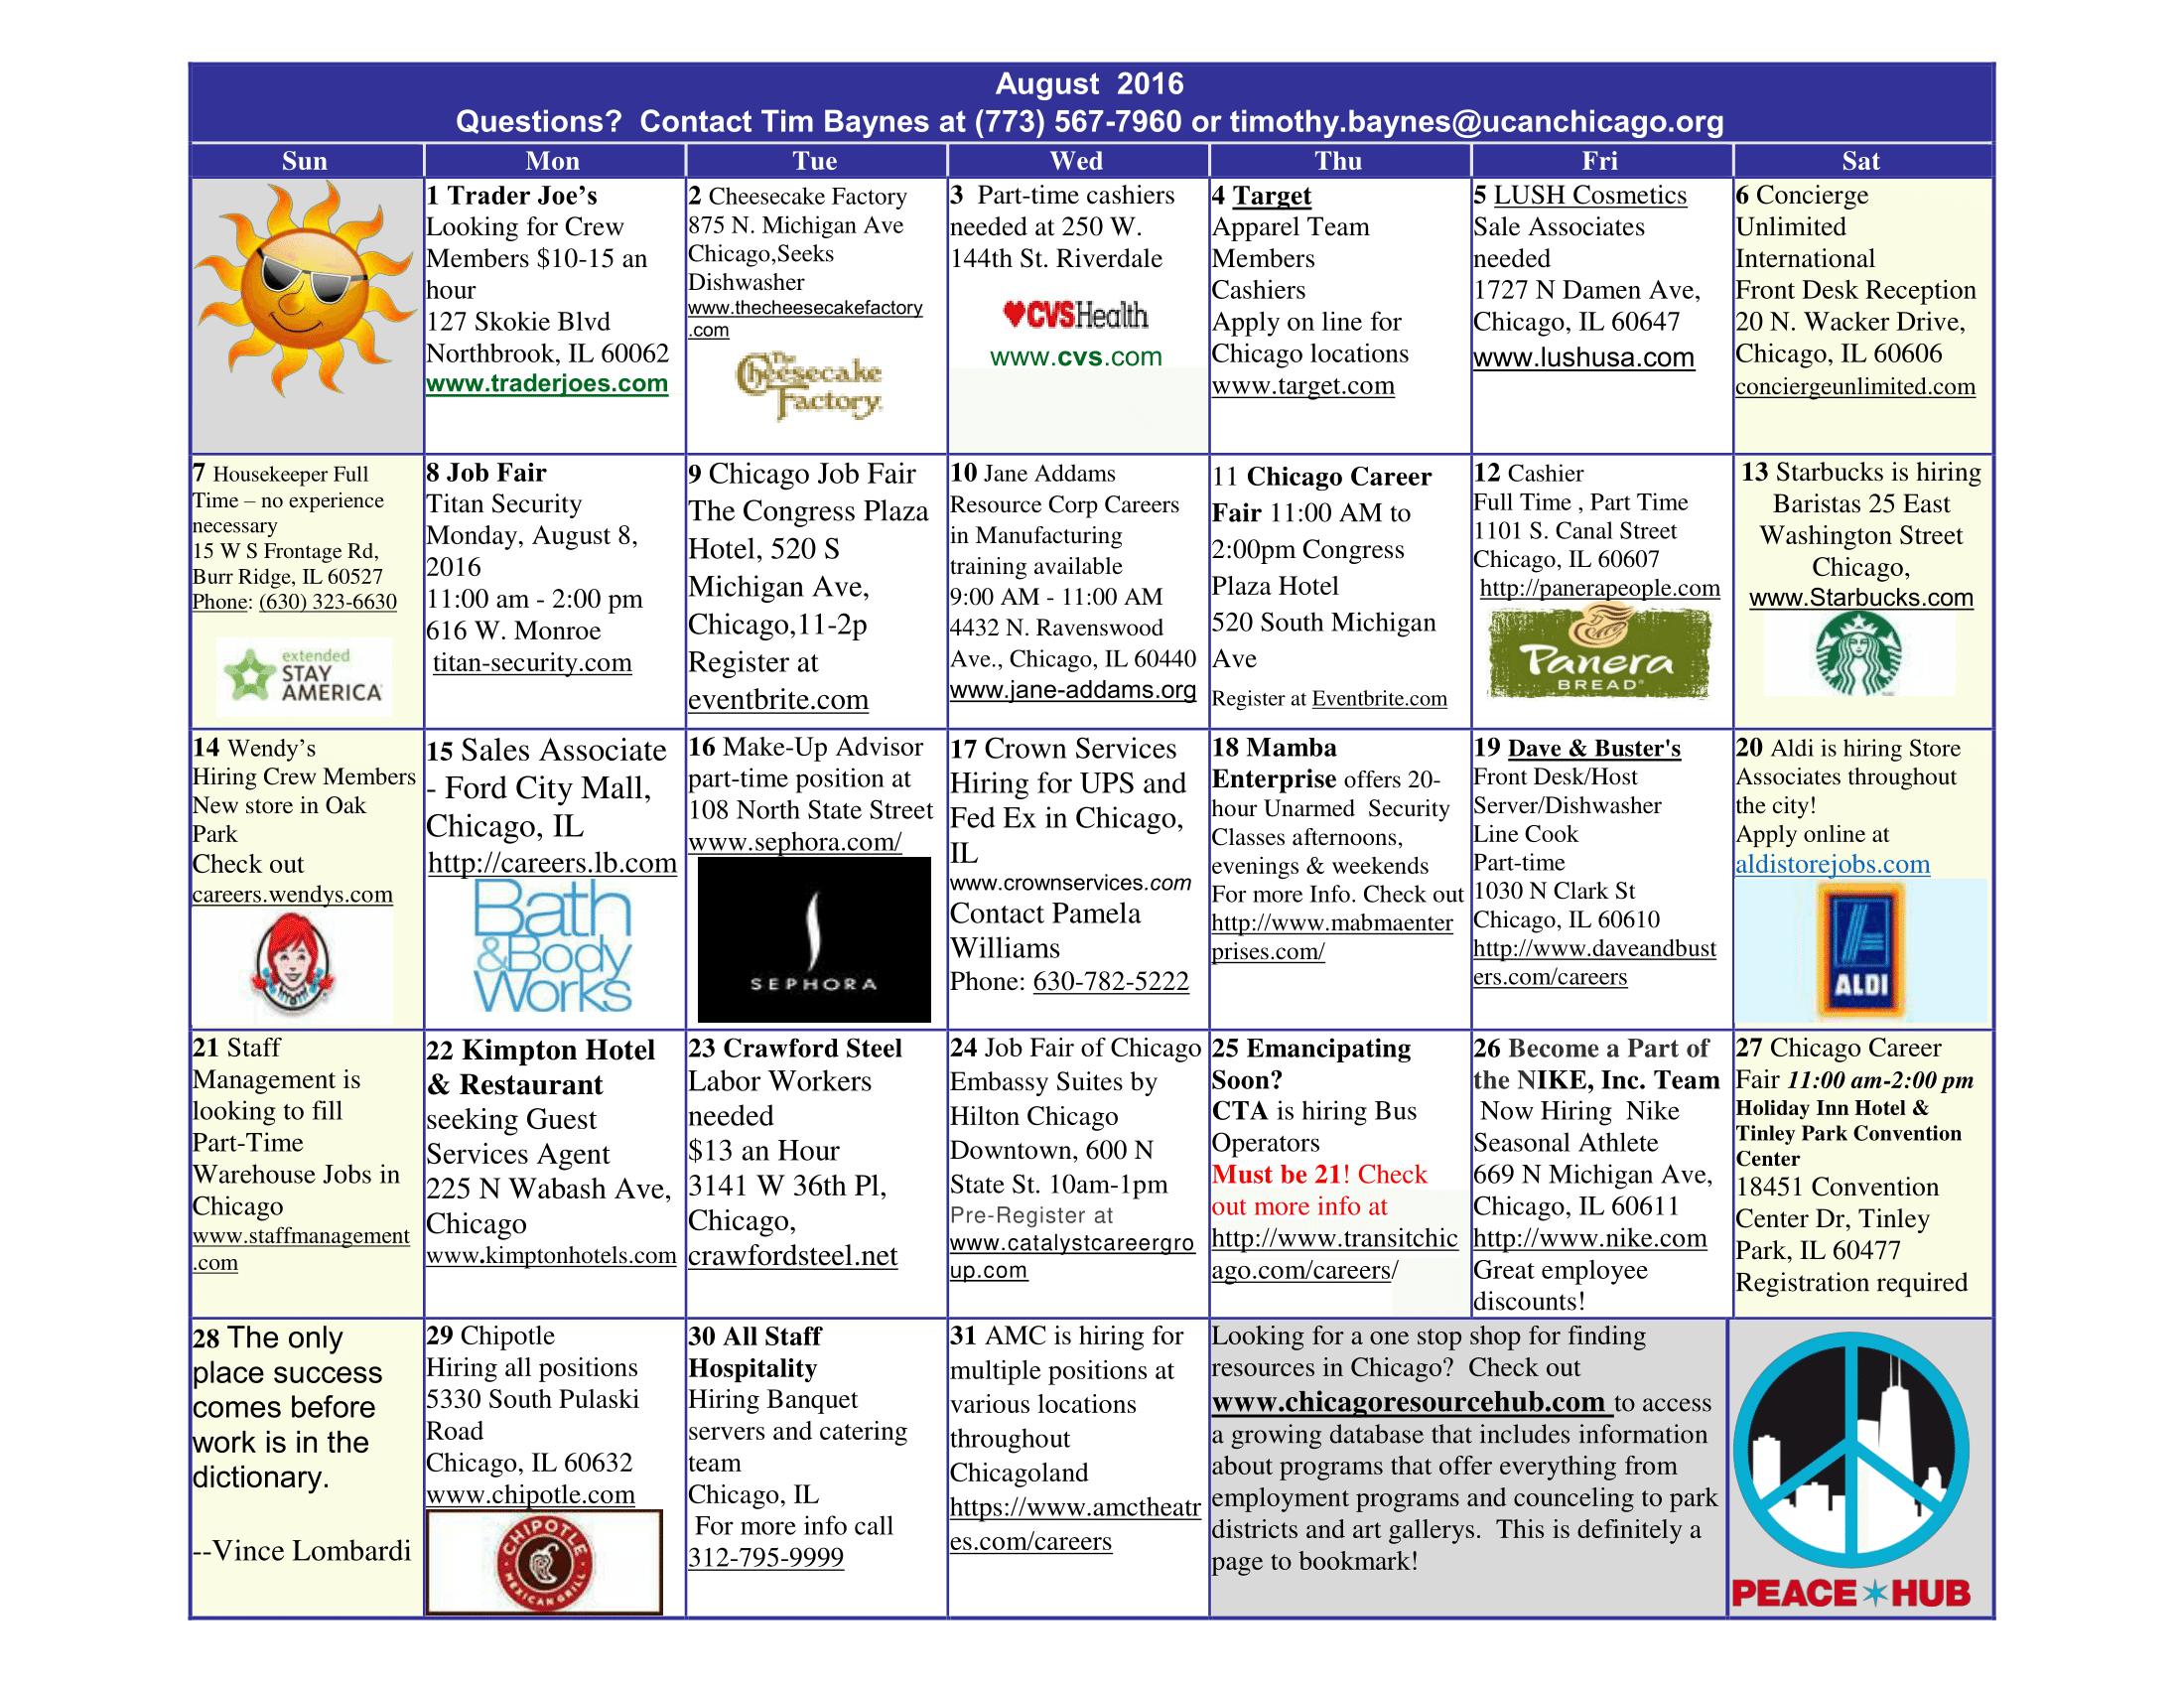 ASPs August 2016 Employment Calendar-image